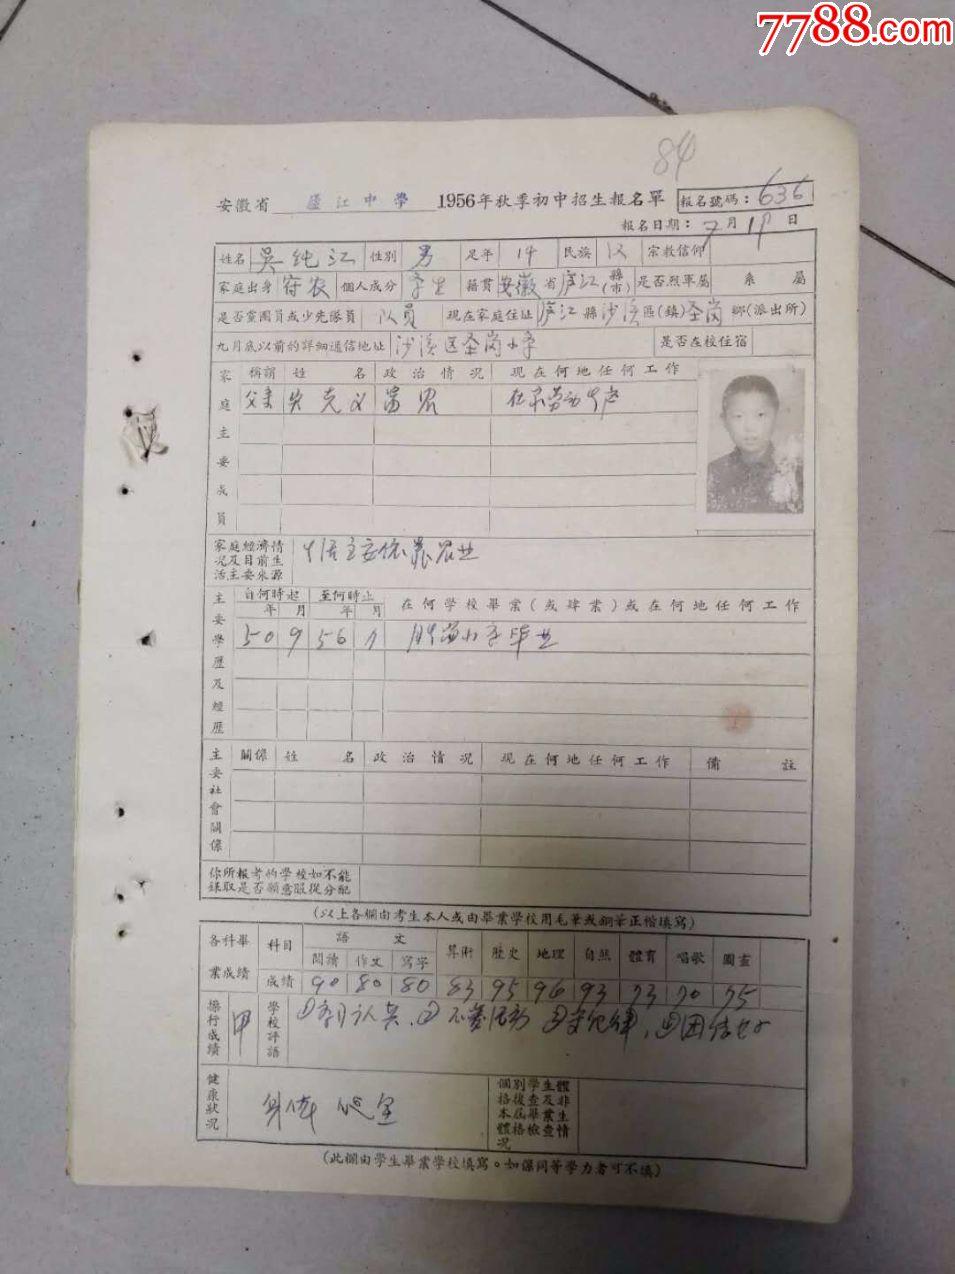 安徽省庐江初中1956年秋季班规学生报名单50歌初中三字中学图片